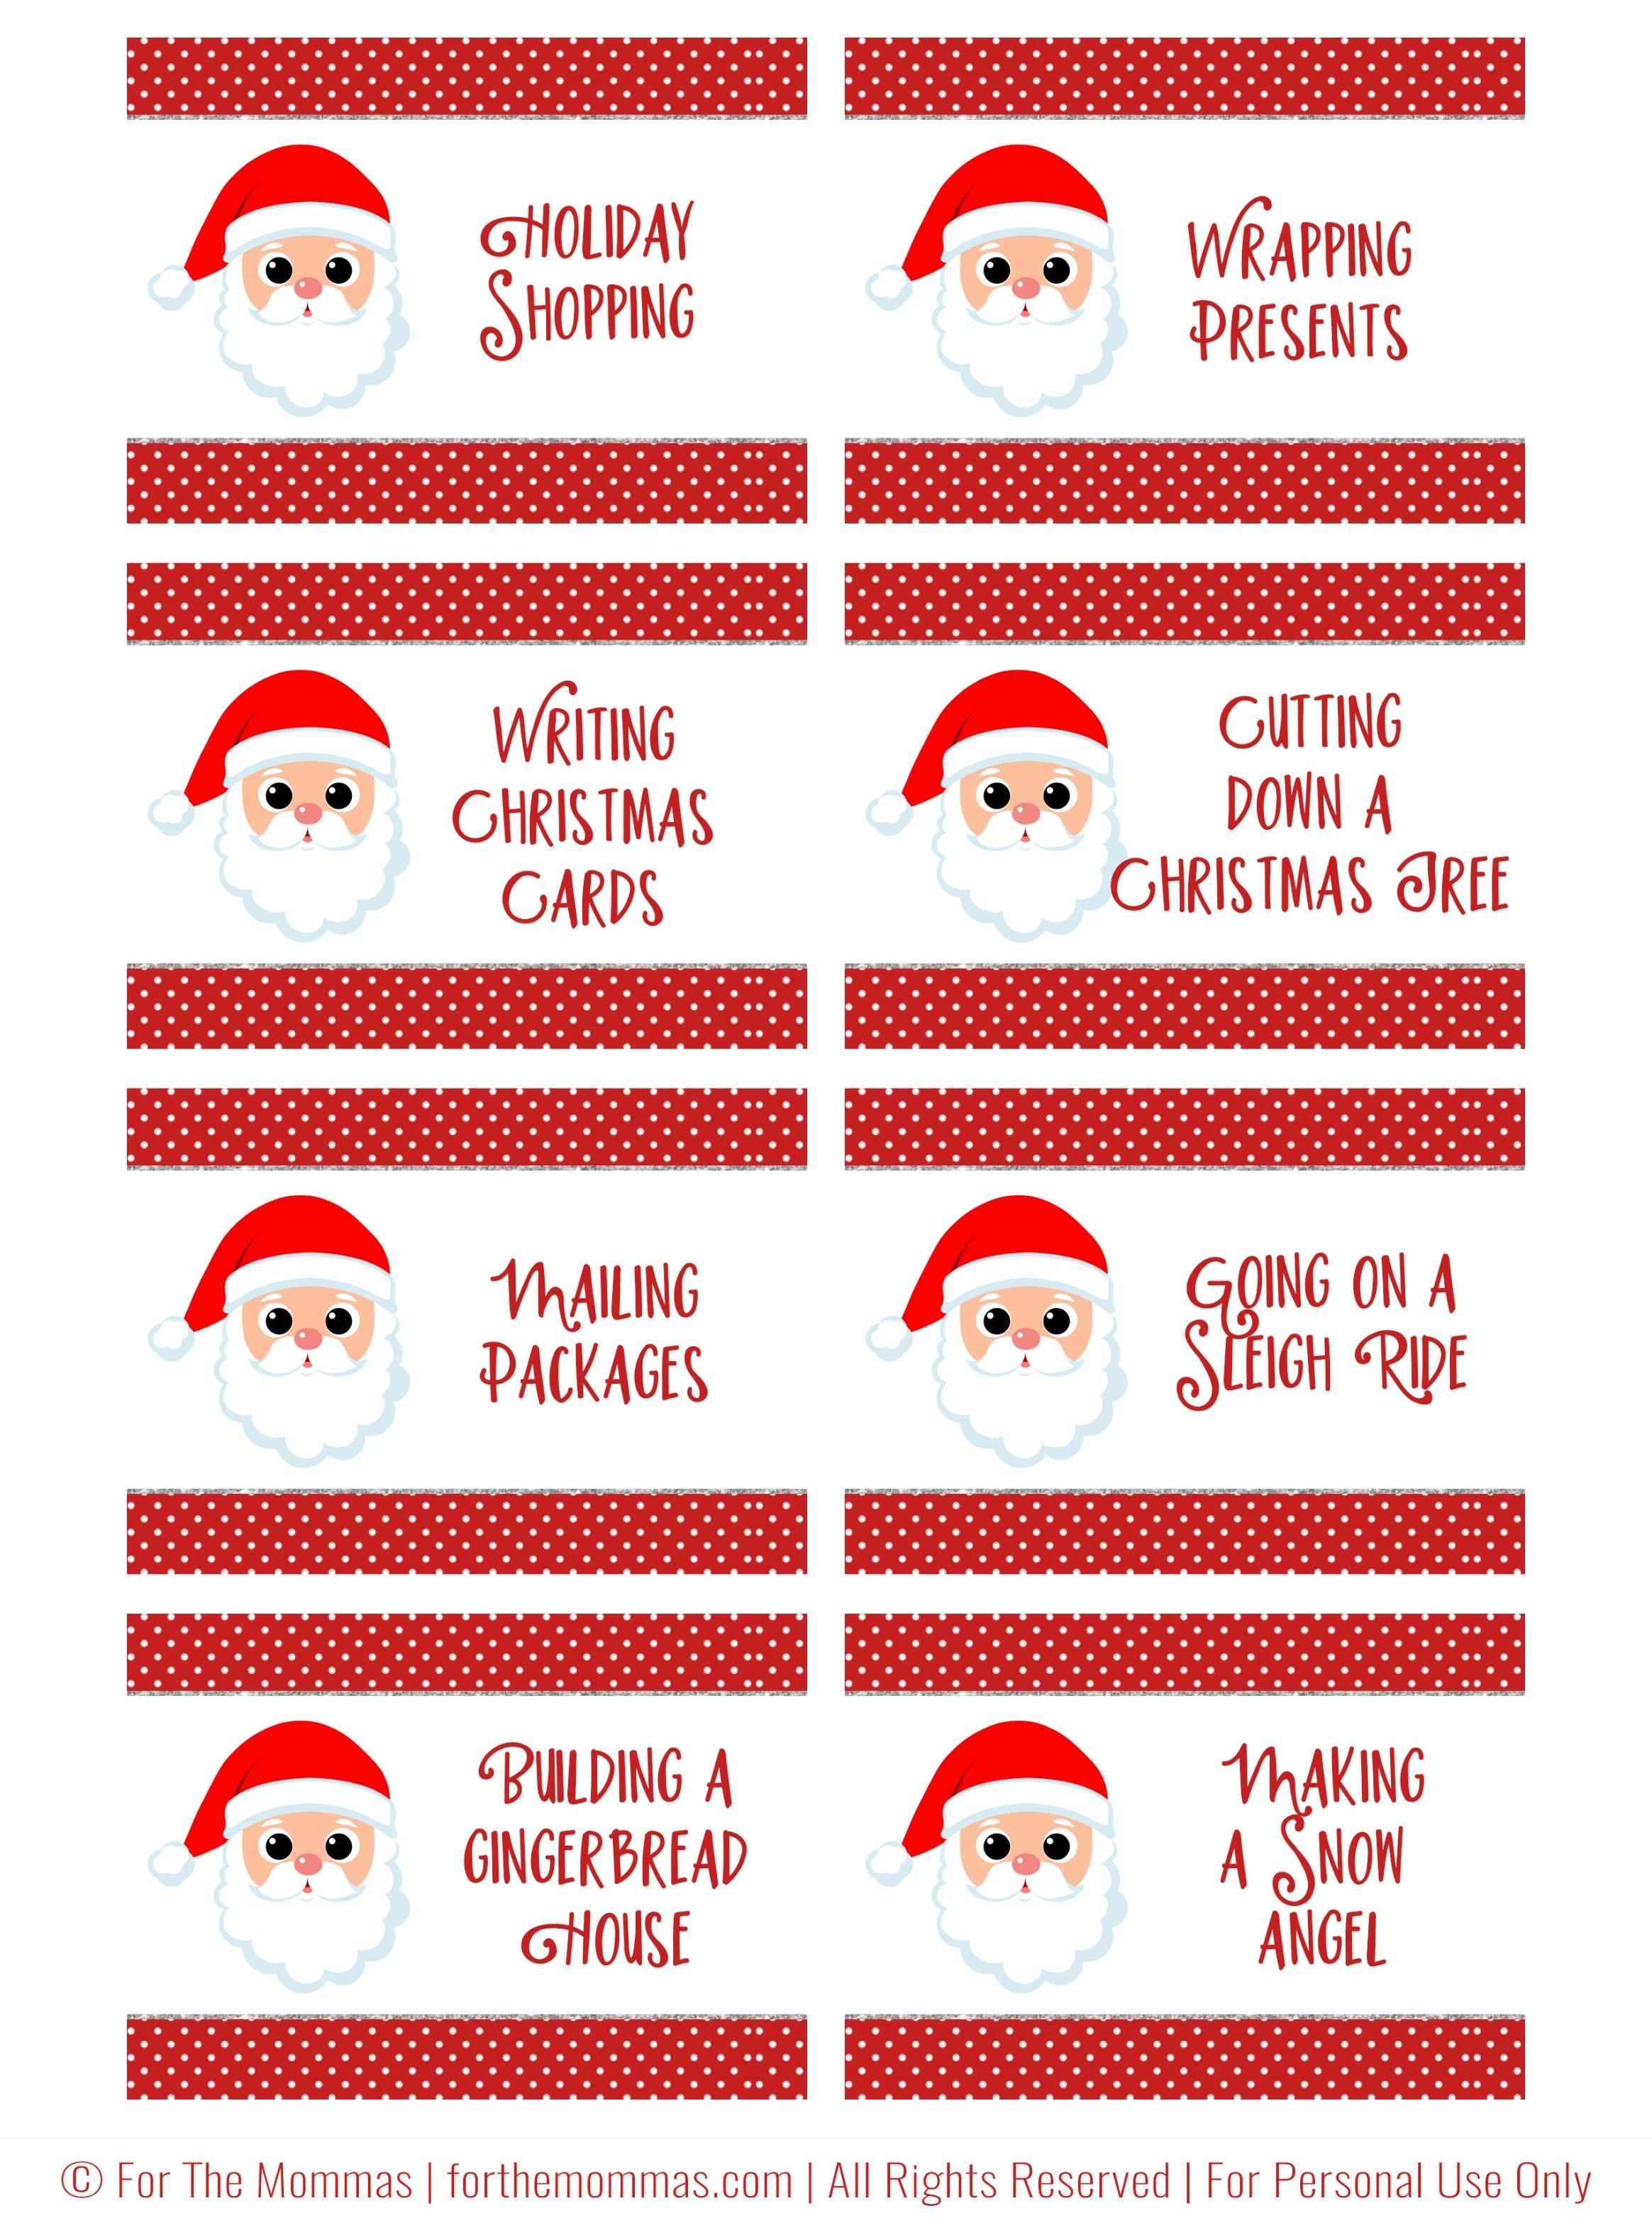 Christmas Charades Free Printable - Start A New Holiday Tradition - Ftm - Free Printable Charades Cards